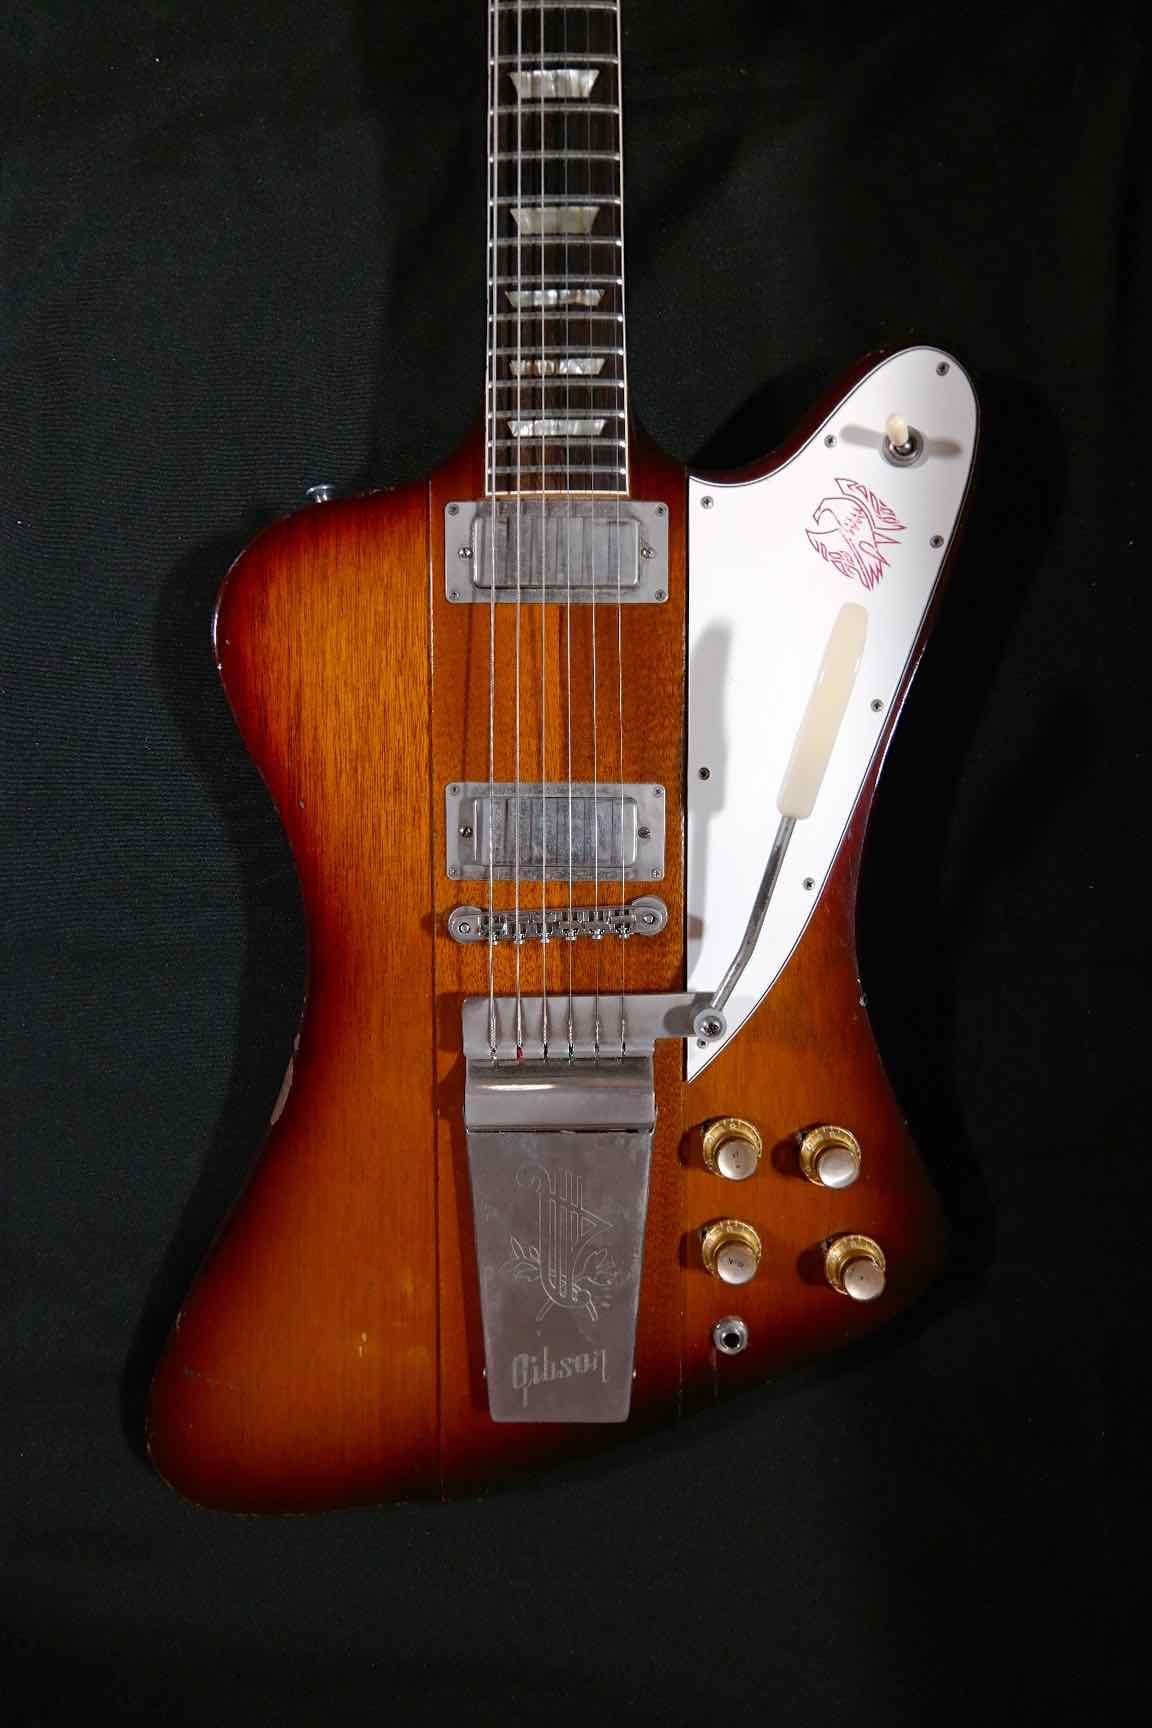 Gibson Firebird V 1963 Tune Your Sound. Gibson Firebird V 1963. Wiring. 2016 Gibson Firebird Wiring Diagram At Scoala.co